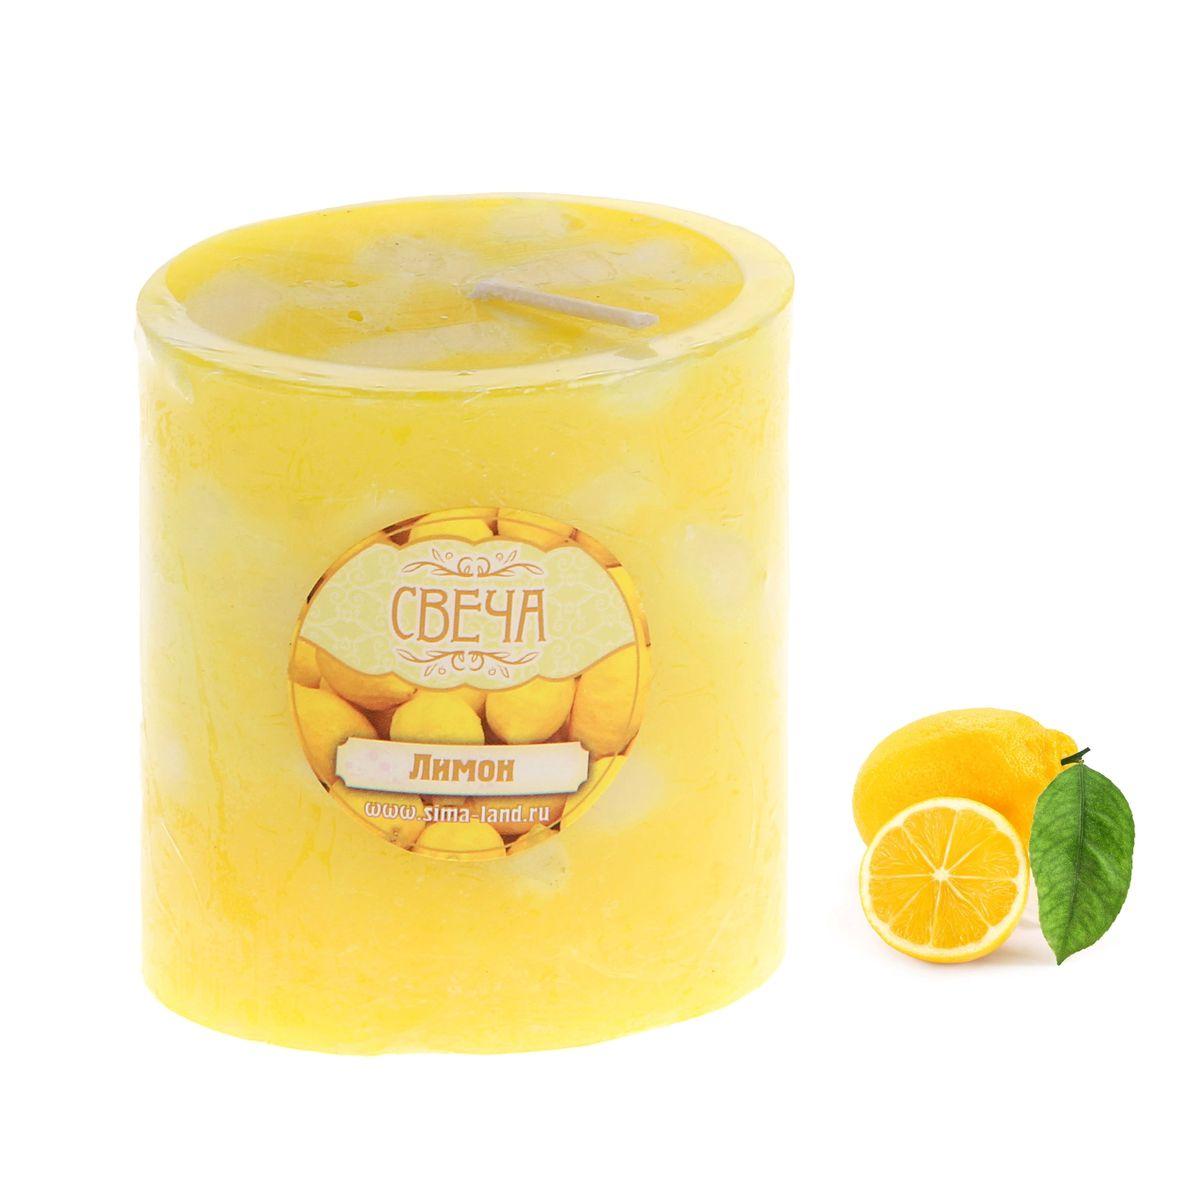 Свеча ароматизированная Sima-land Слияние, с ароматом лимона, цвет: желтый, белый, высота 7 см849522Ароматизированная свеча Sima-land Слияние изготовлена из воска. Изделие отличается оригинальным дизайном и приятным ароматом лимона. Свеча Sima-land Слияние - это прекрасный выбор для тех, кто хочет сделать запоминающийся презент родным и близким. Она поможет создать атмосферу праздника. Такой подарок запомнится надолго.